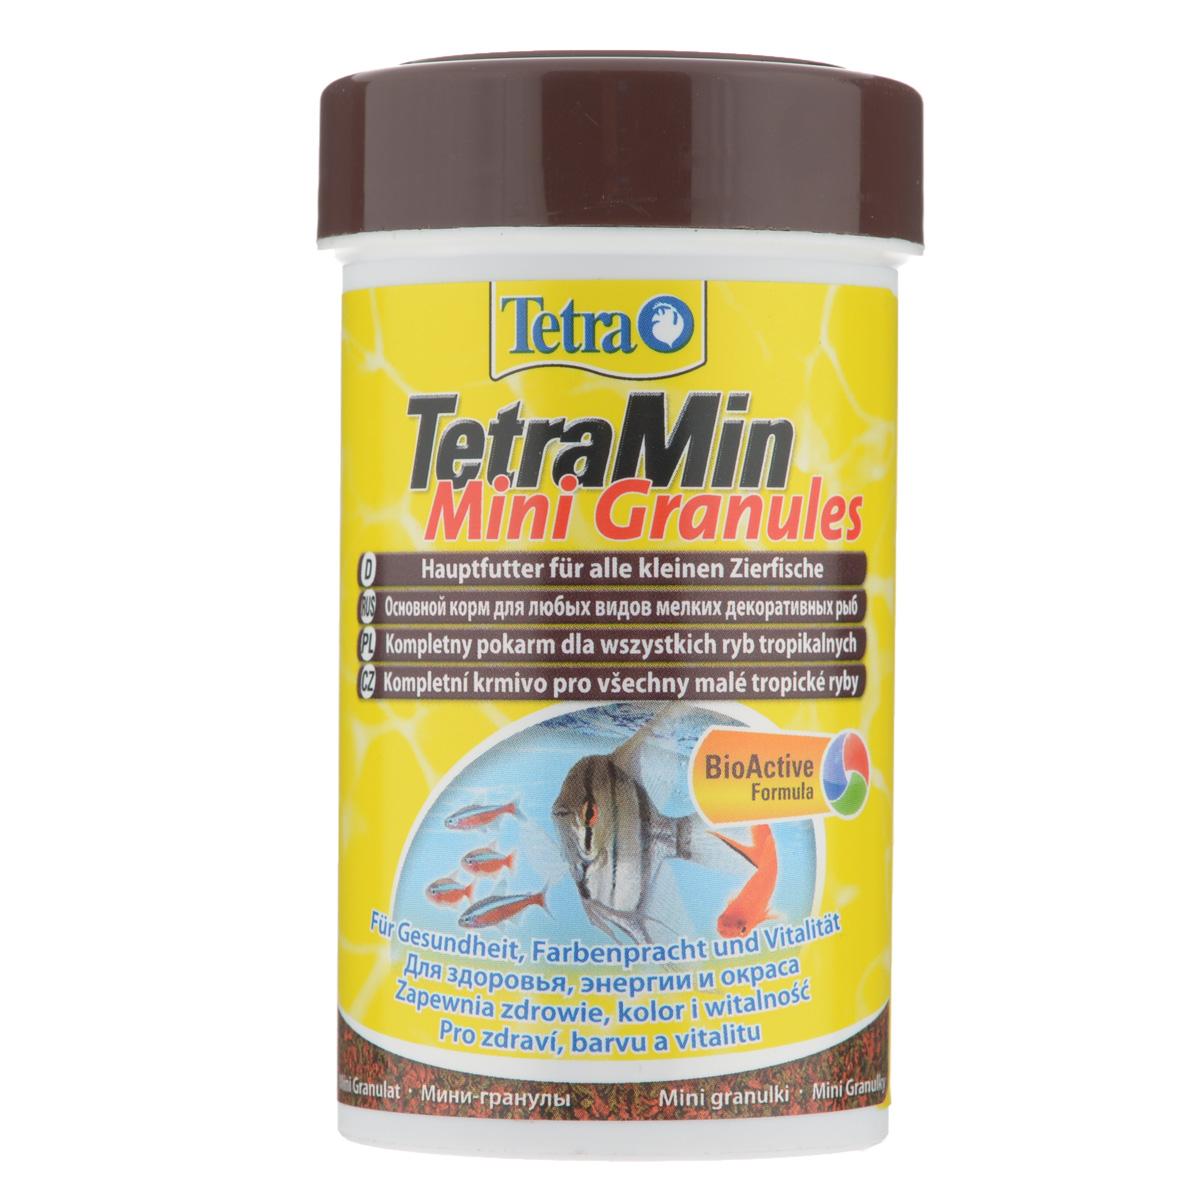 Корм сухой TetraMin Mini Granules для всех видов мелких декоративных рыб, в виде мини-гранул, 100 мл199057Корм TetraMin Mini Granules - это биологически сбалансированный корм в виде мини-гранул для здоровой рыбы и чистой воды. Особенности TetraMin Mini Granules: медленно погружающиеся гранулы идеально подходят для любых видов небольших рыб, питающихся с средних слоях воды. Рекомендации по кормлению: кормить несколько раз в день маленькими порциями. Характеристики: Состав: рыба и побочные рыбные продукты, экстракты растительного белка, зерновые культуры, овощи, растительные продукты, дрожжи, моллюски и раки, масла и жиры, водоросли, минеральные вещества. Пищевая ценность: сырой белок - 44%, сырые масла и жиры - 11%, сырая клетчатка - 2%, влага - 8%. Добавки: витамины, провитамины и химические вещества с аналогичным воздействием: витамин А 29870 МЕ/кг, витамин Д3 1870 МЕ/кг. Комбинации элементов: Е5 Марганец 67 мг/кг, Е6 Цинк 40 мг/кг, Е1 Железо 26 мг/кг. Красители, консерванты, антиоксиданты. Вес:...